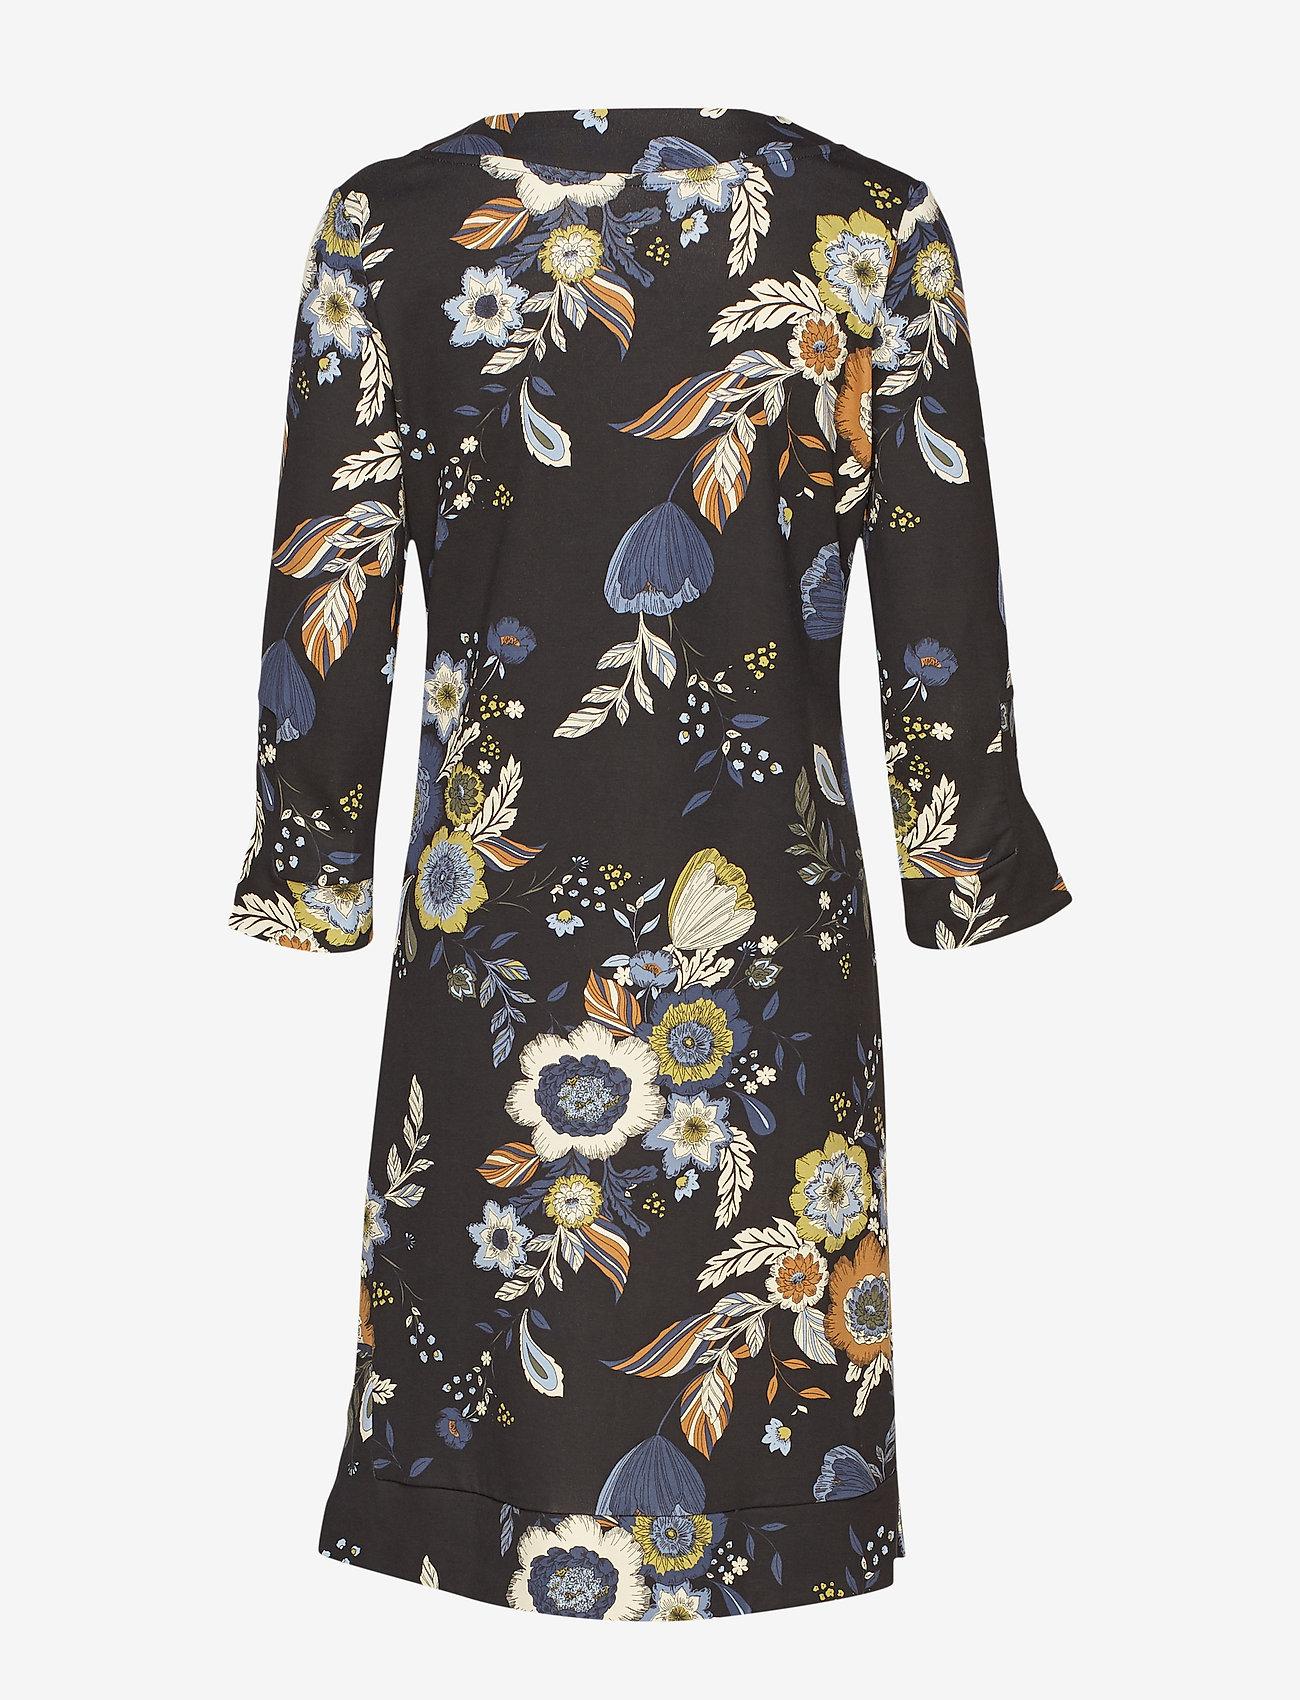 Part Two LastinaPW DR - Sukienki BIG FLOWER PRINT, BLACK. - Kobiety Odzież.